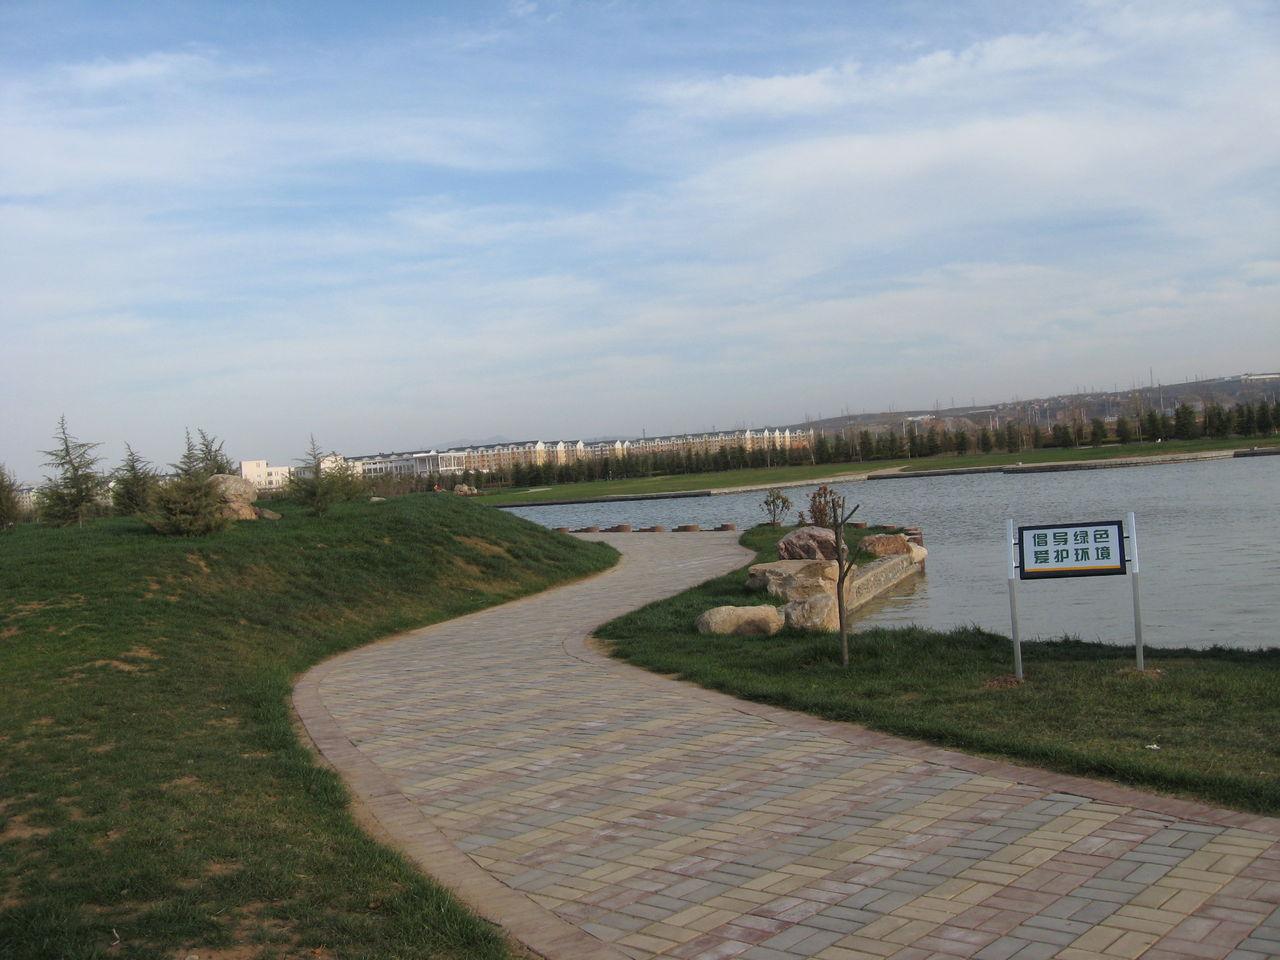 学校开元校区 即新校区 的人工湖起个好听的名字 河南科技大高清图片